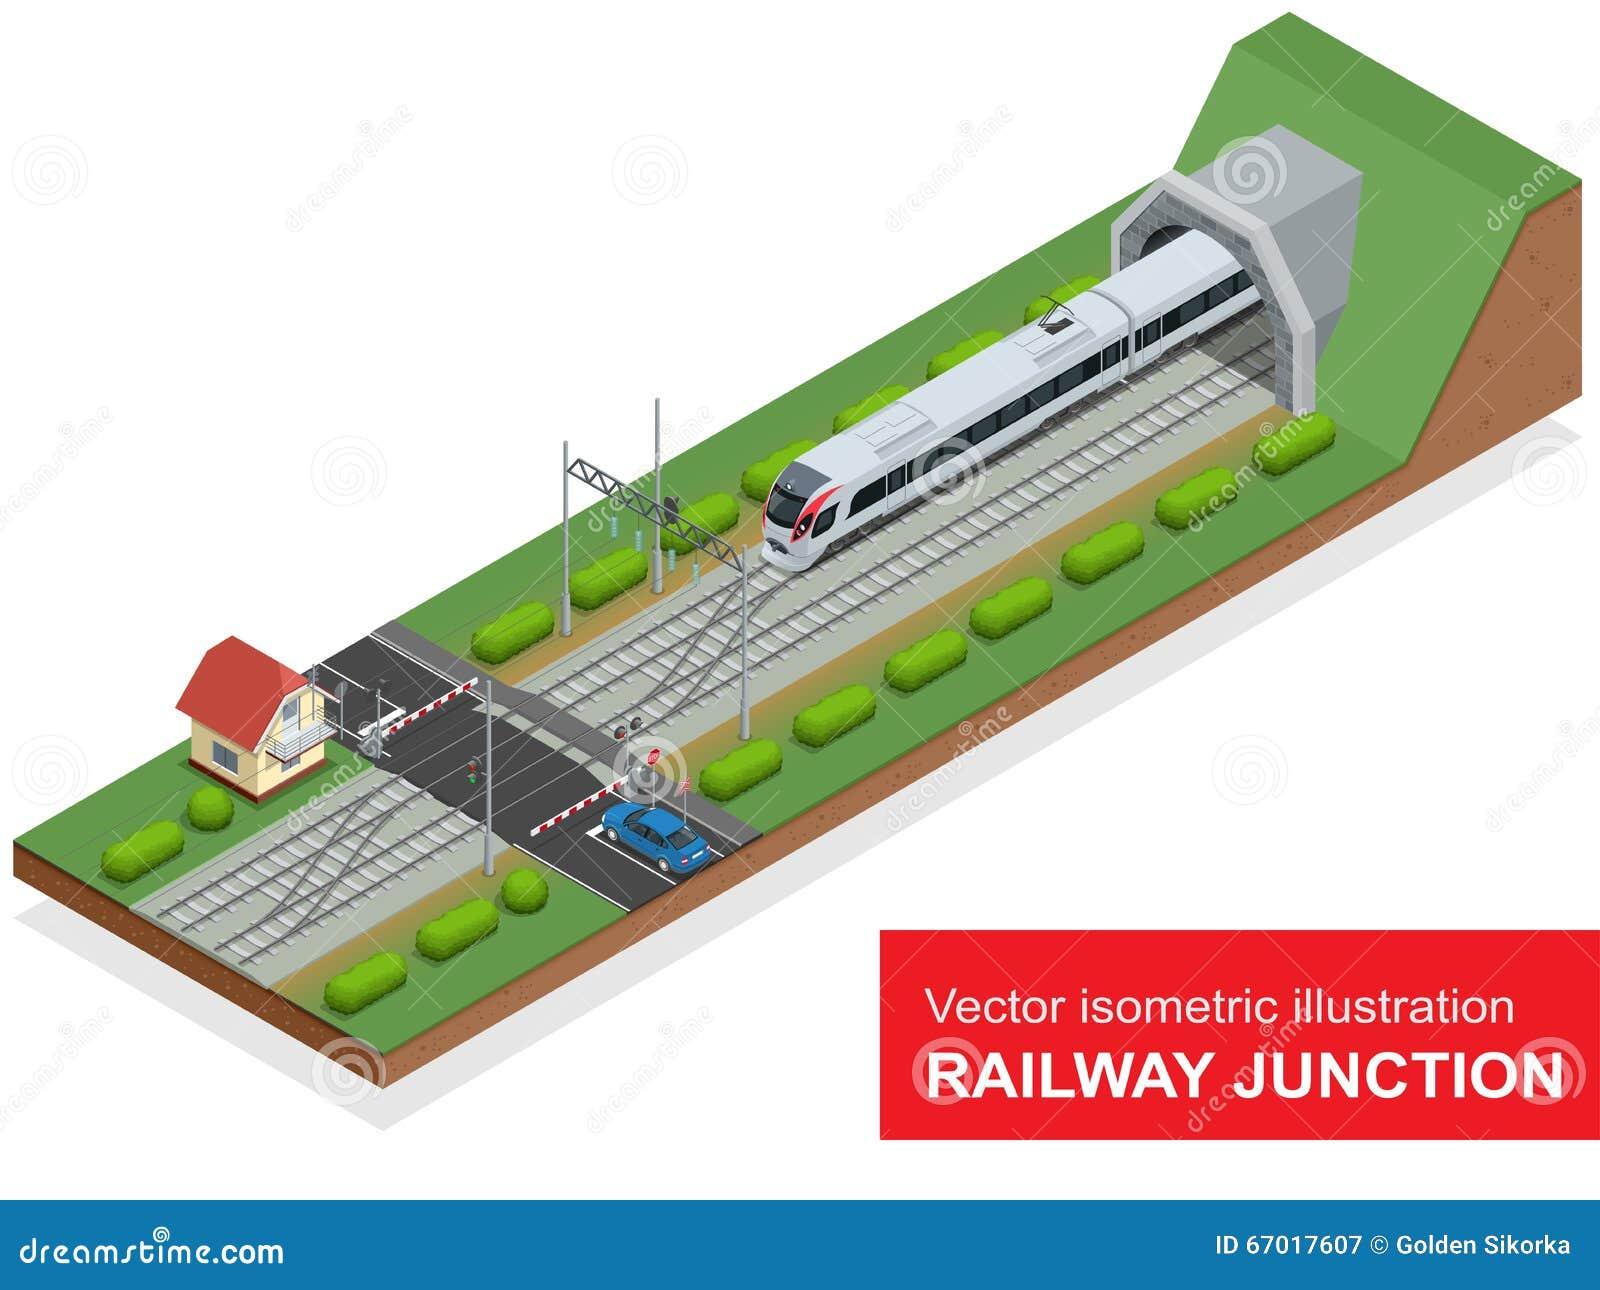 一个铁路联轨点的传染媒介等量例证 铁路联轨点包括现代高速火车,铁路隧道